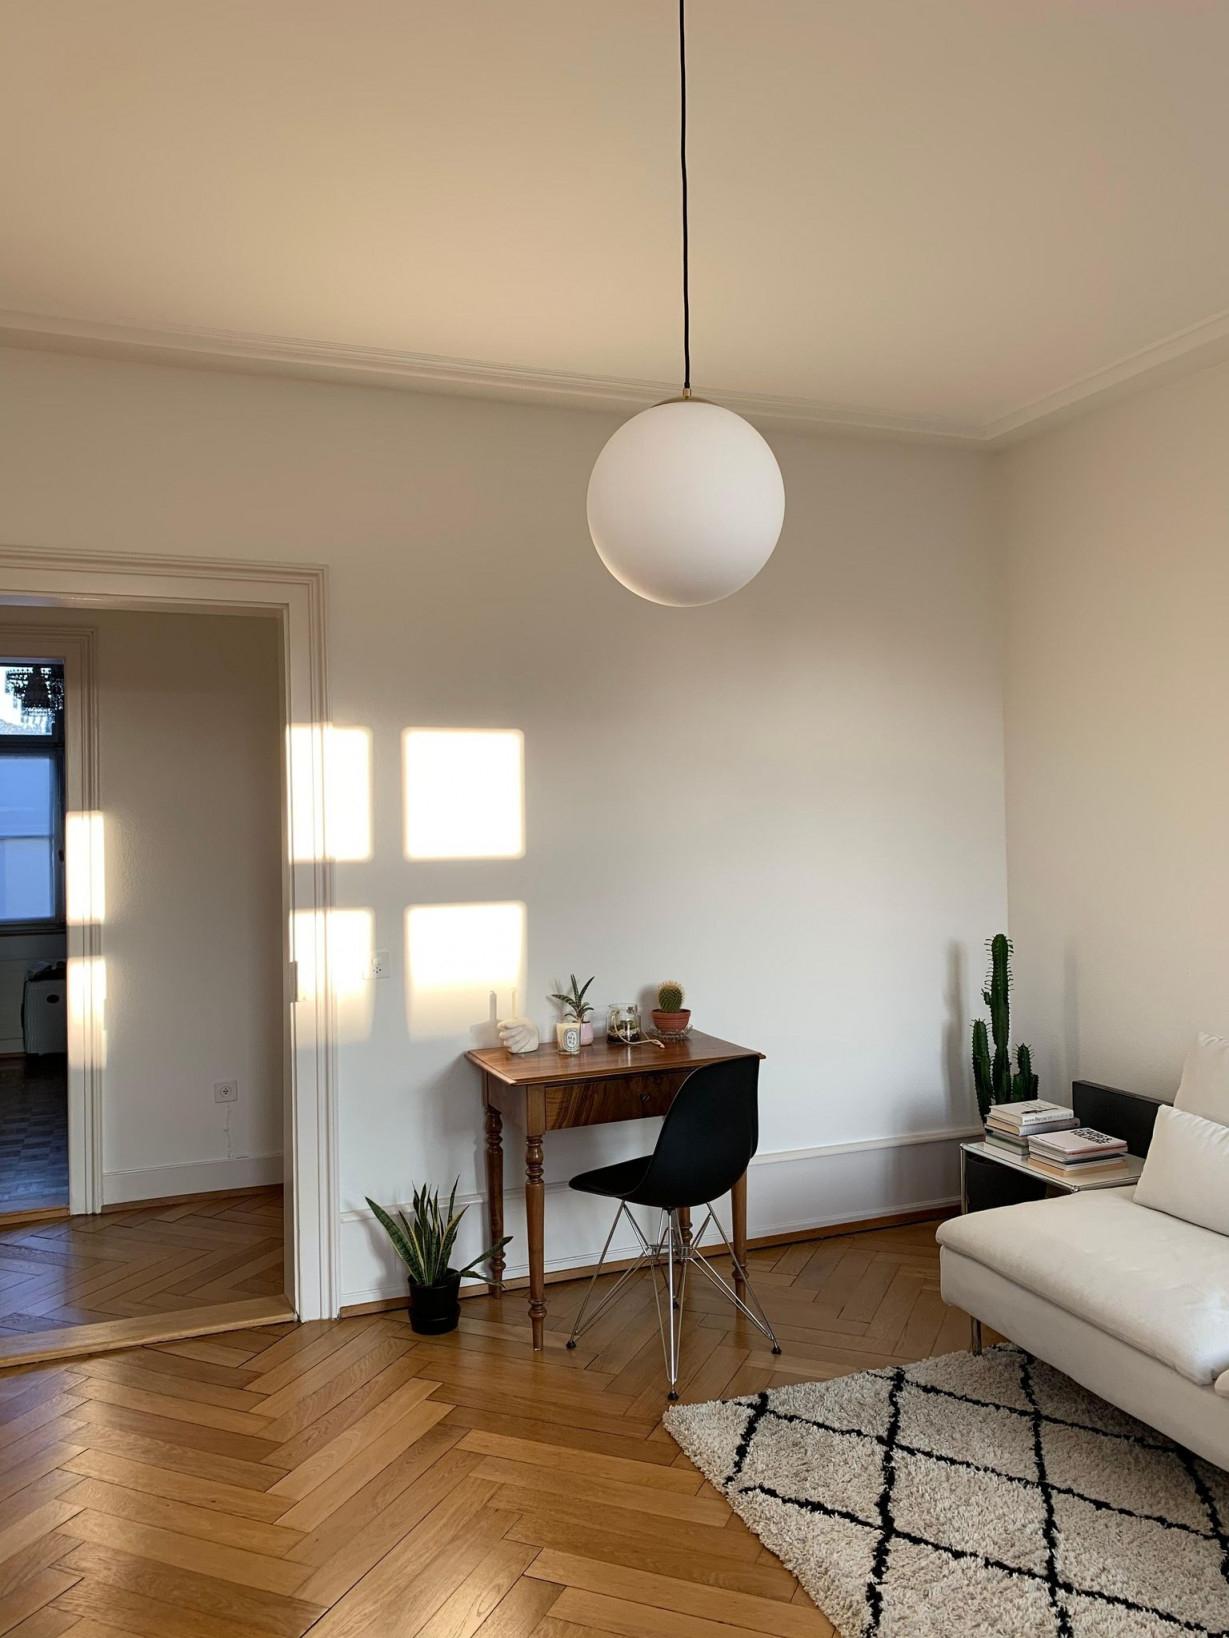 Sonnenschein Lieblingsraum Meinwohnzimmer ✨  Wohnzimmer von Wohnzimmer Ideen Minimalistisch Photo